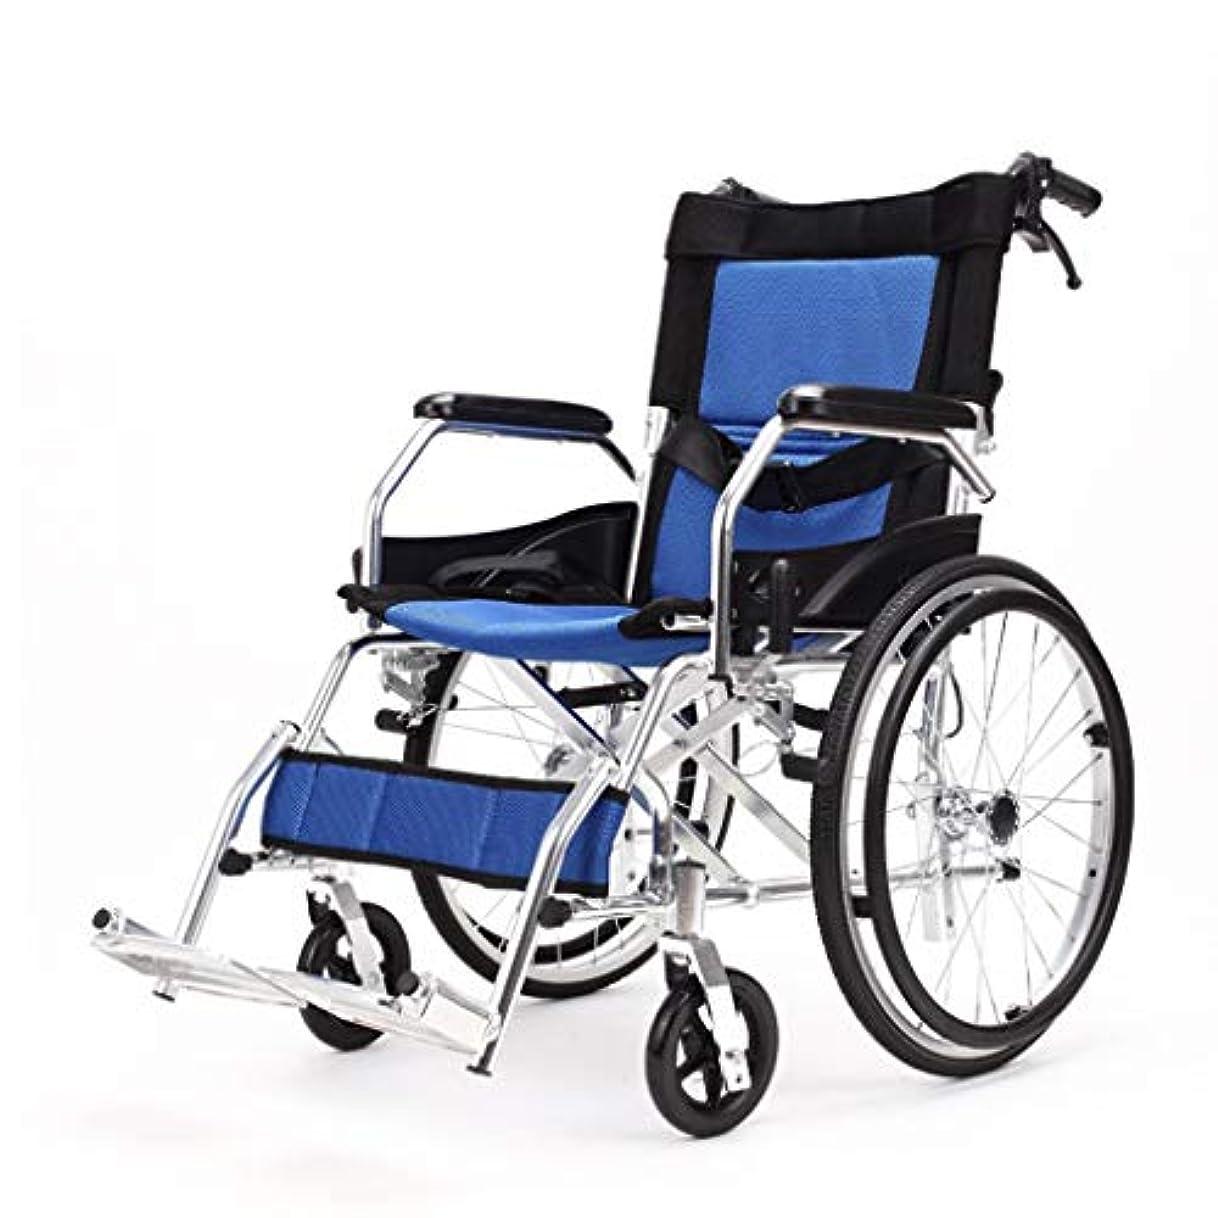 保存ミニチュア正しく手動車椅子折りたたみ式、背もたれ折りたたみ式デザイン通気性シートクッション、フットペダル調節可能車椅子